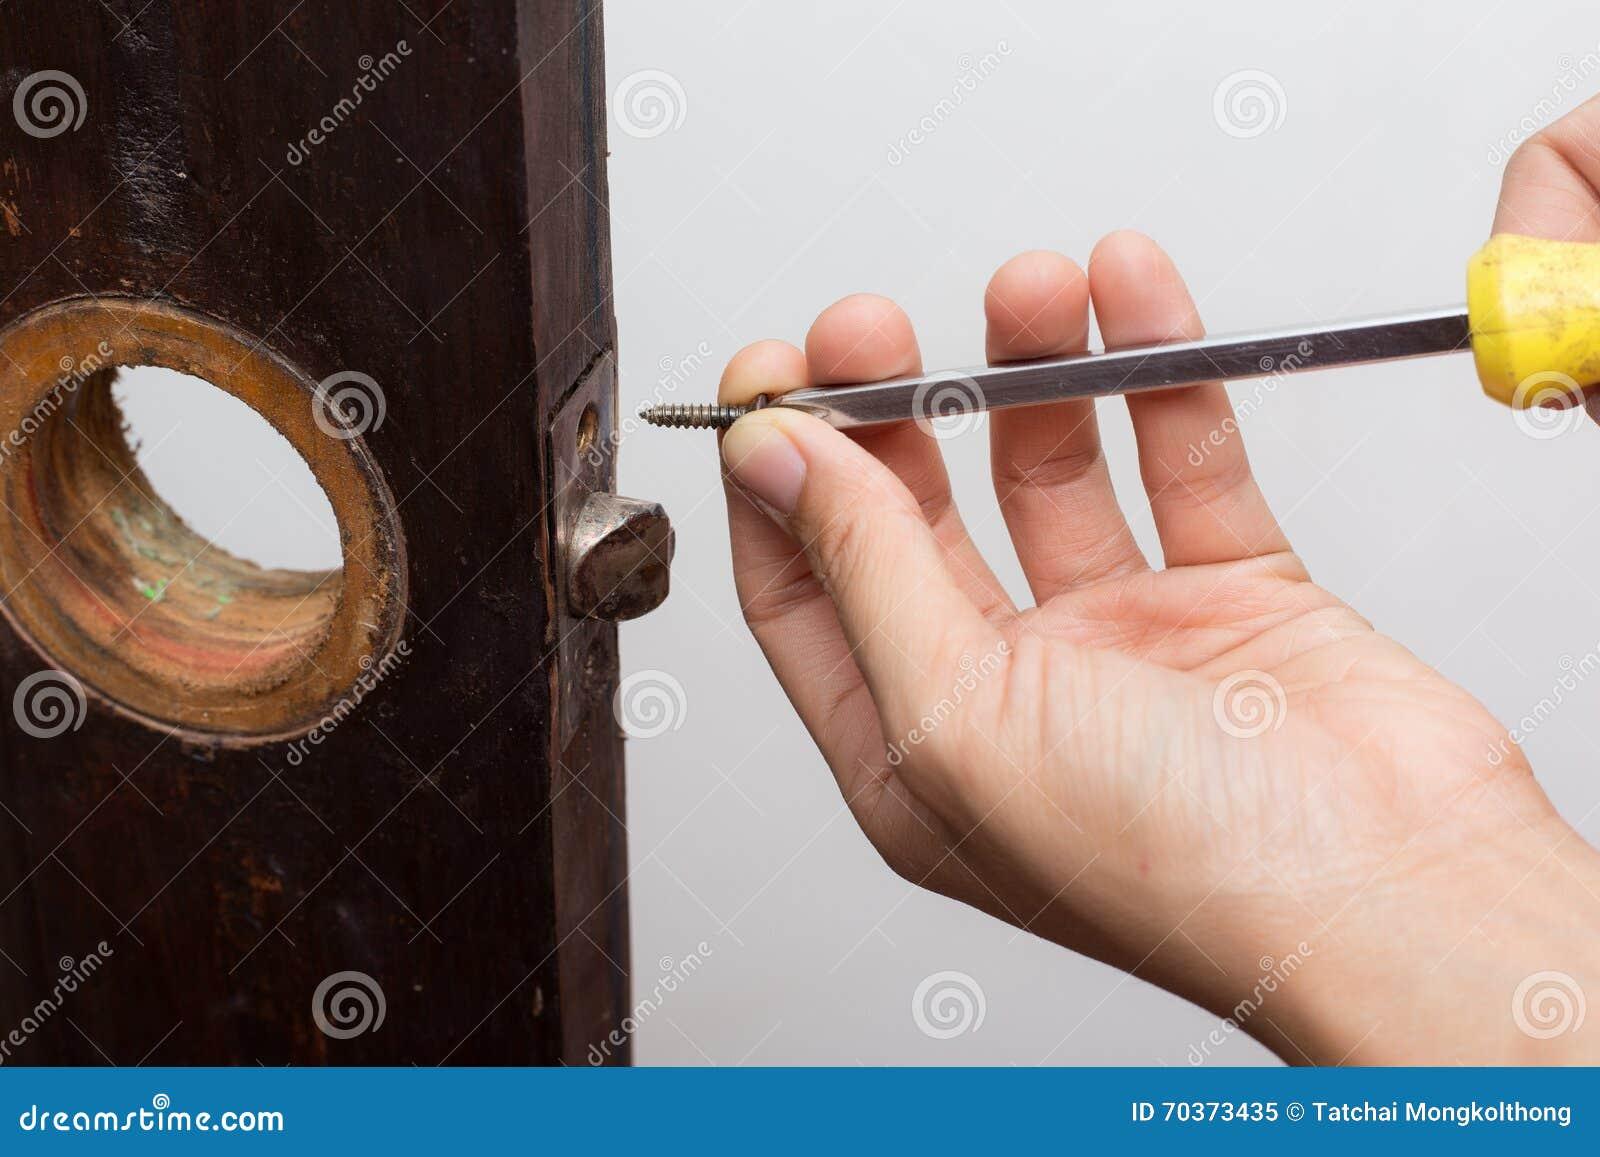 Serrure de difficulté de serrurier sur la porte en bois